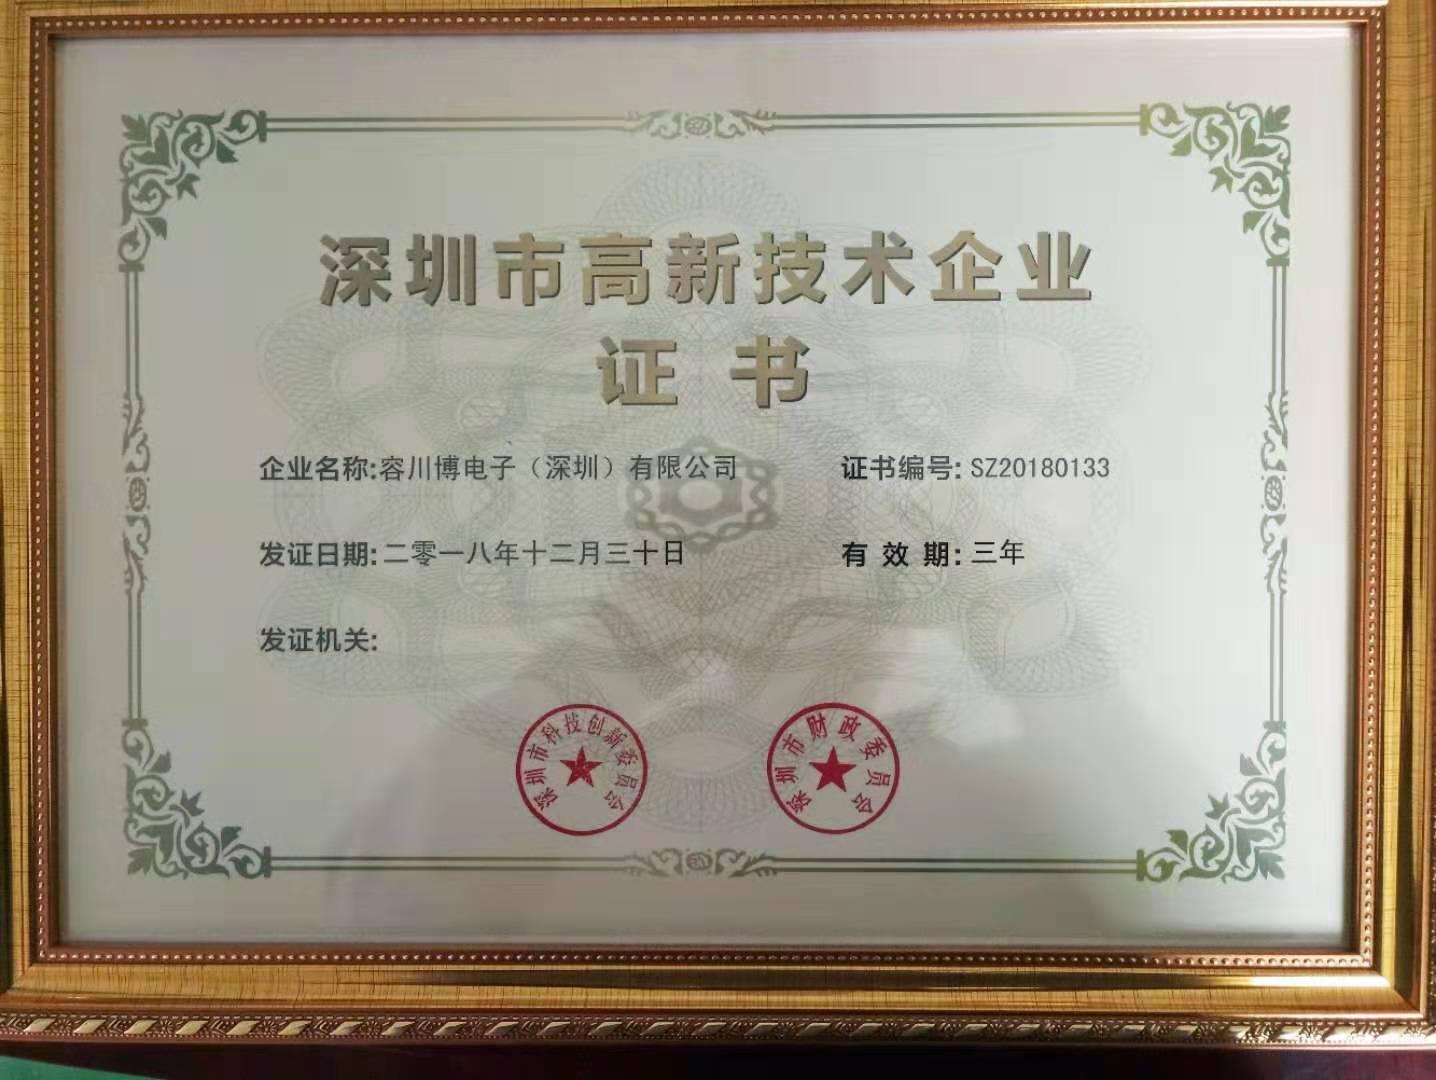 容川博荣获高新技术企业证书